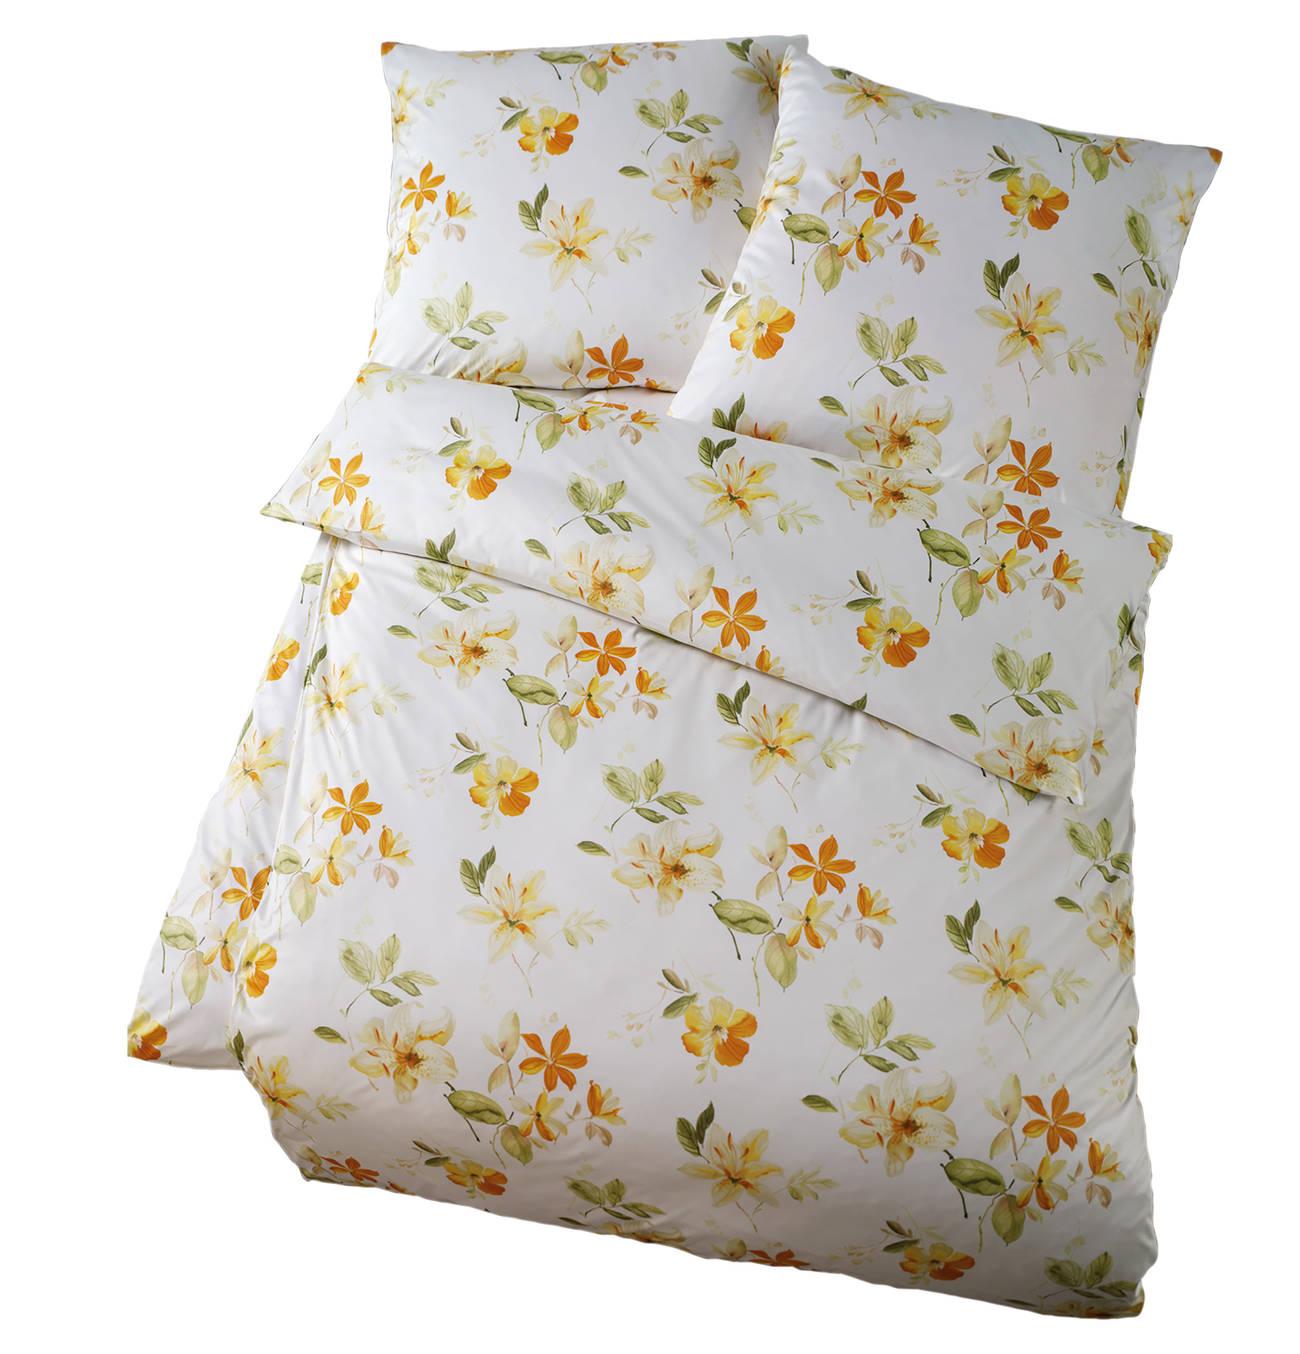 Jersey Bettwasche Reine Baumwolle Allover Muster Bettwasche